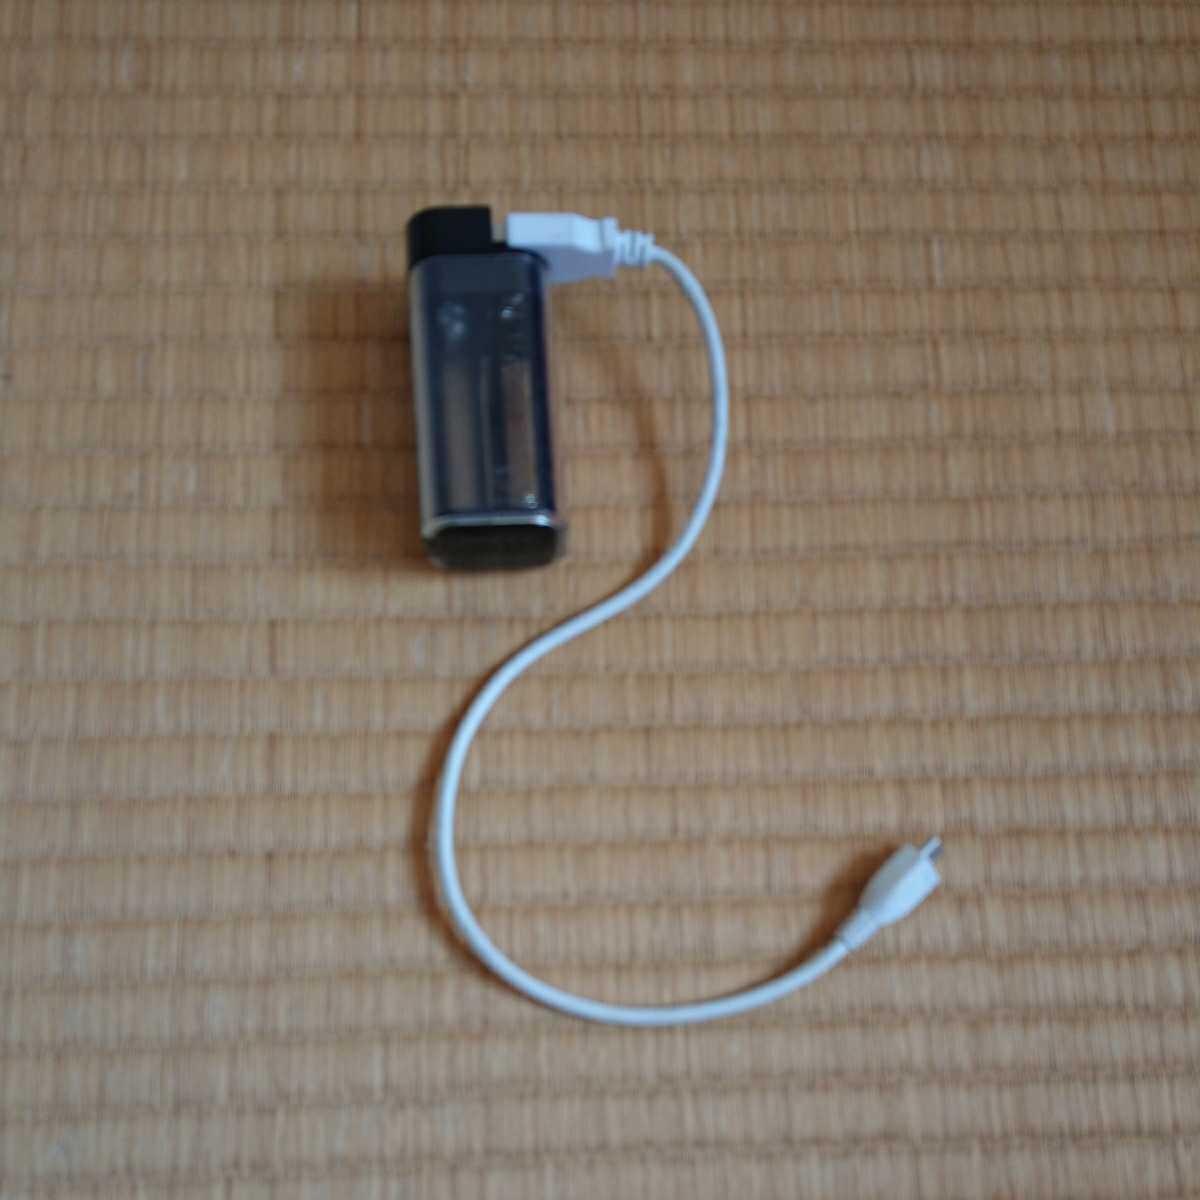 非常用 USB充電器 単3乾電池 4本使用_画像2